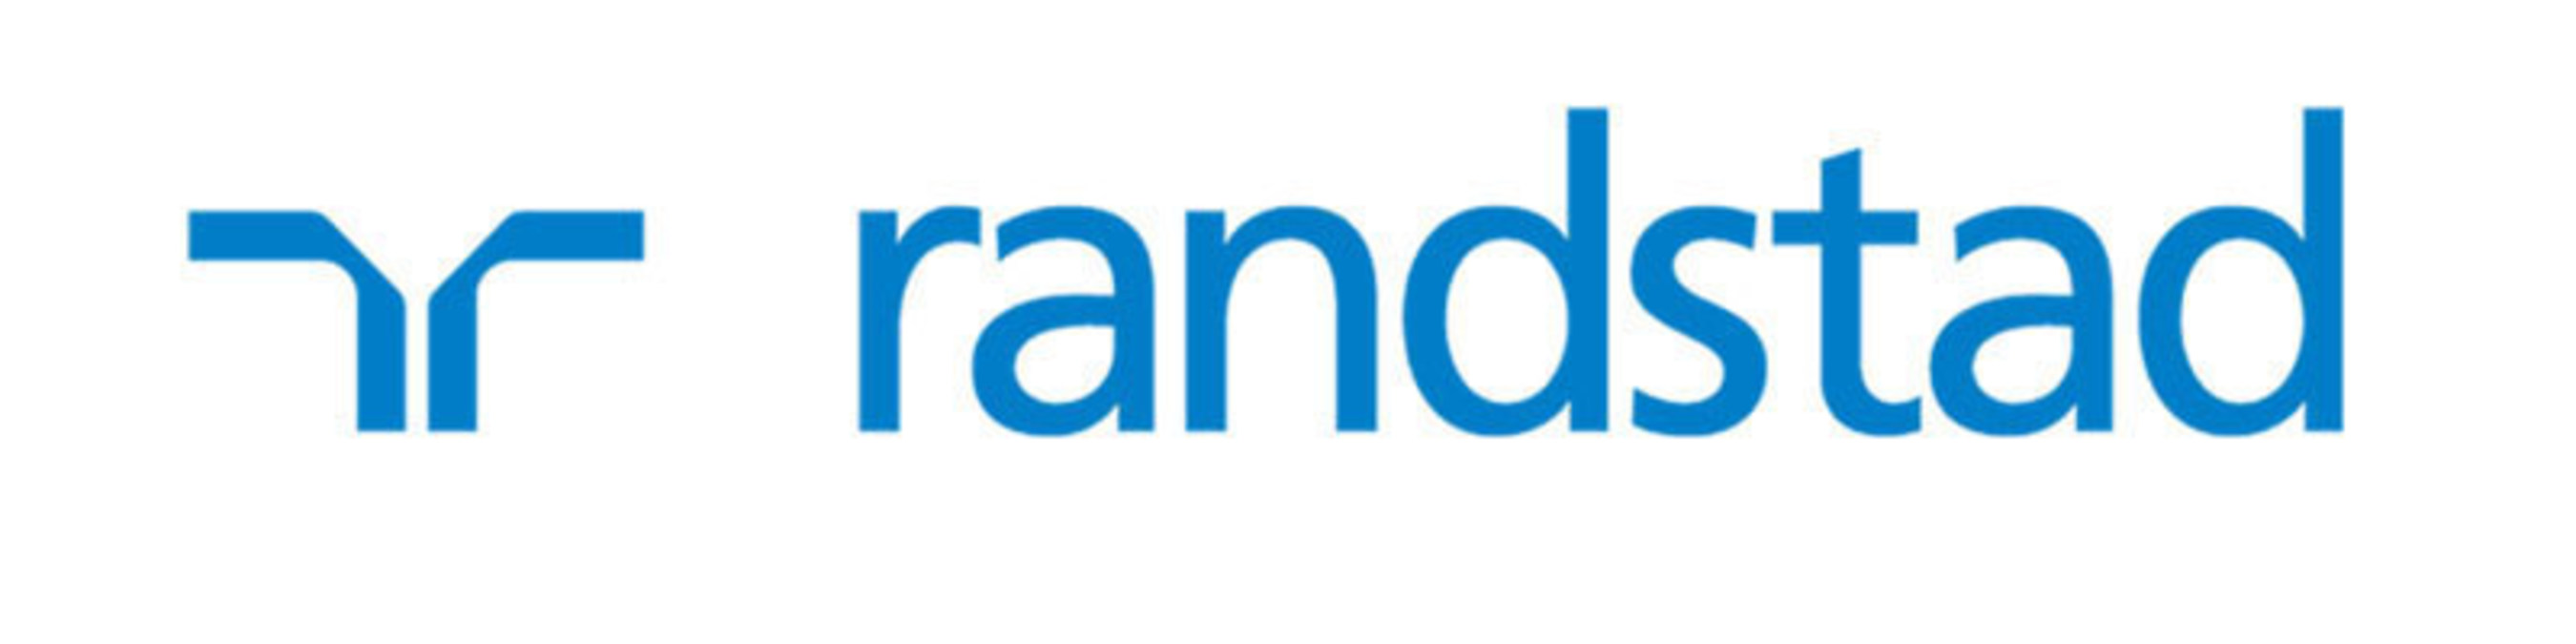 Randstad adquiere Monster Worldwide para transformar el modo en que se  conectan las personas y los empleos